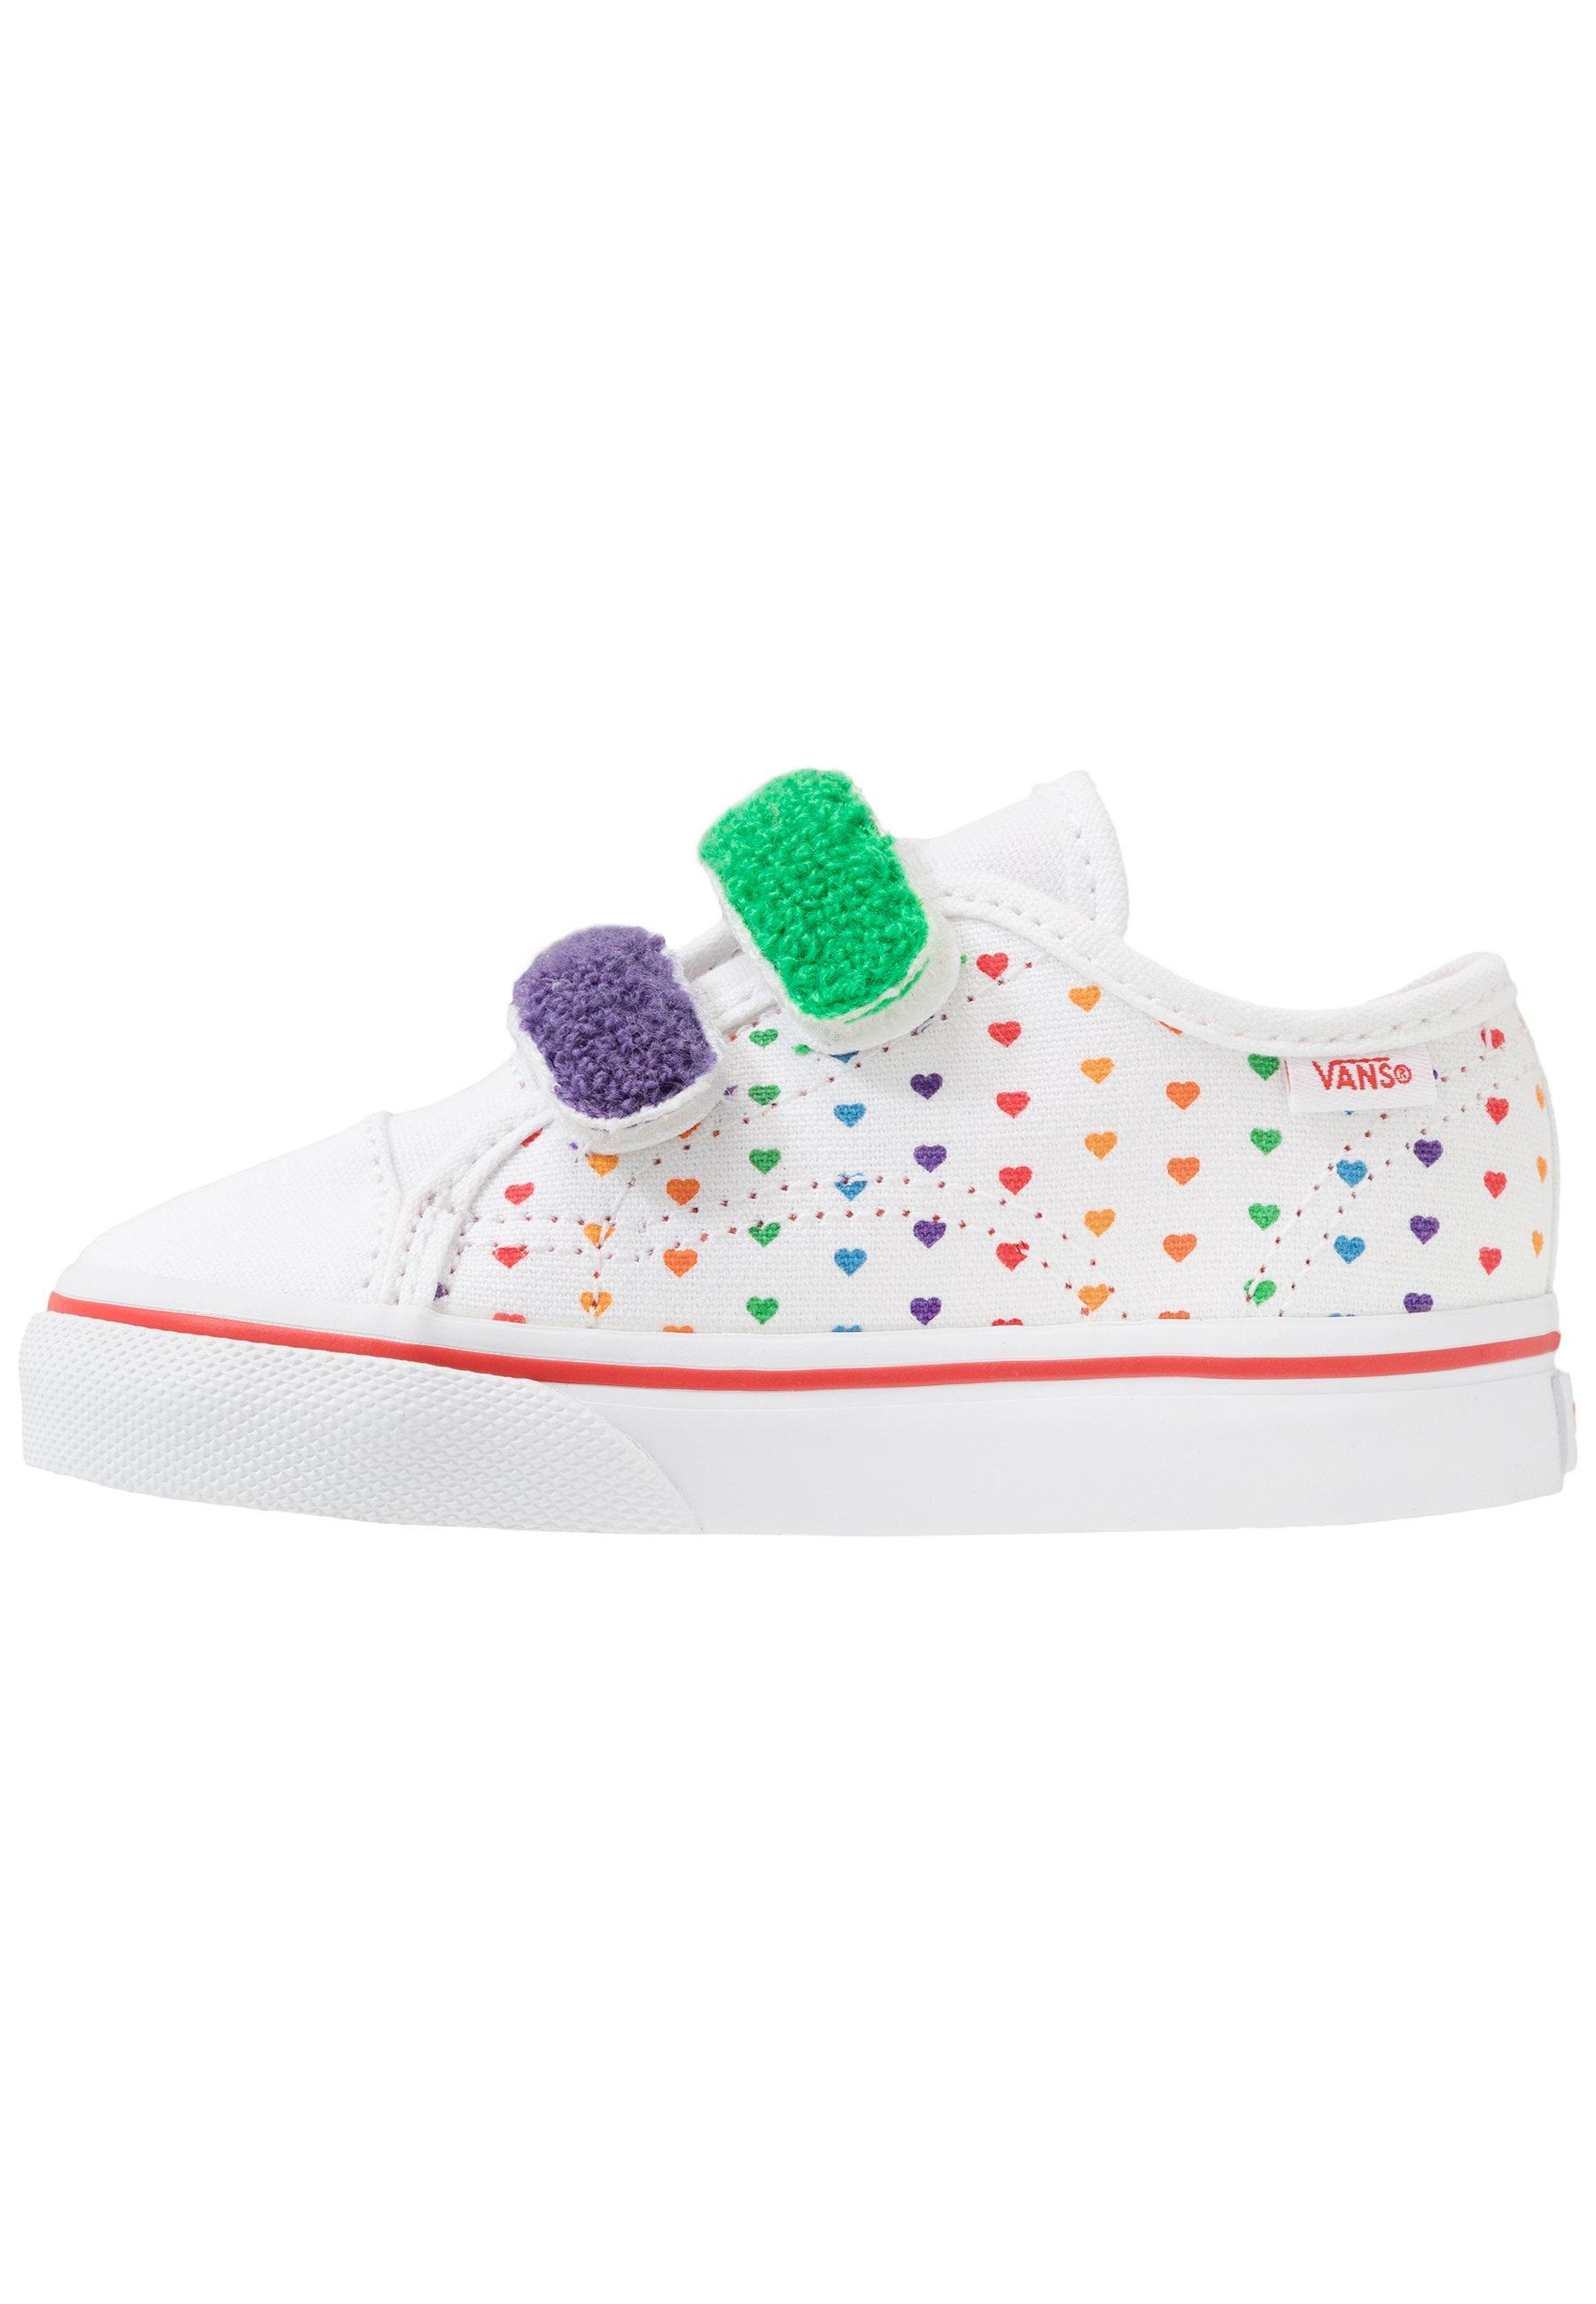 chaussure vans rainbow